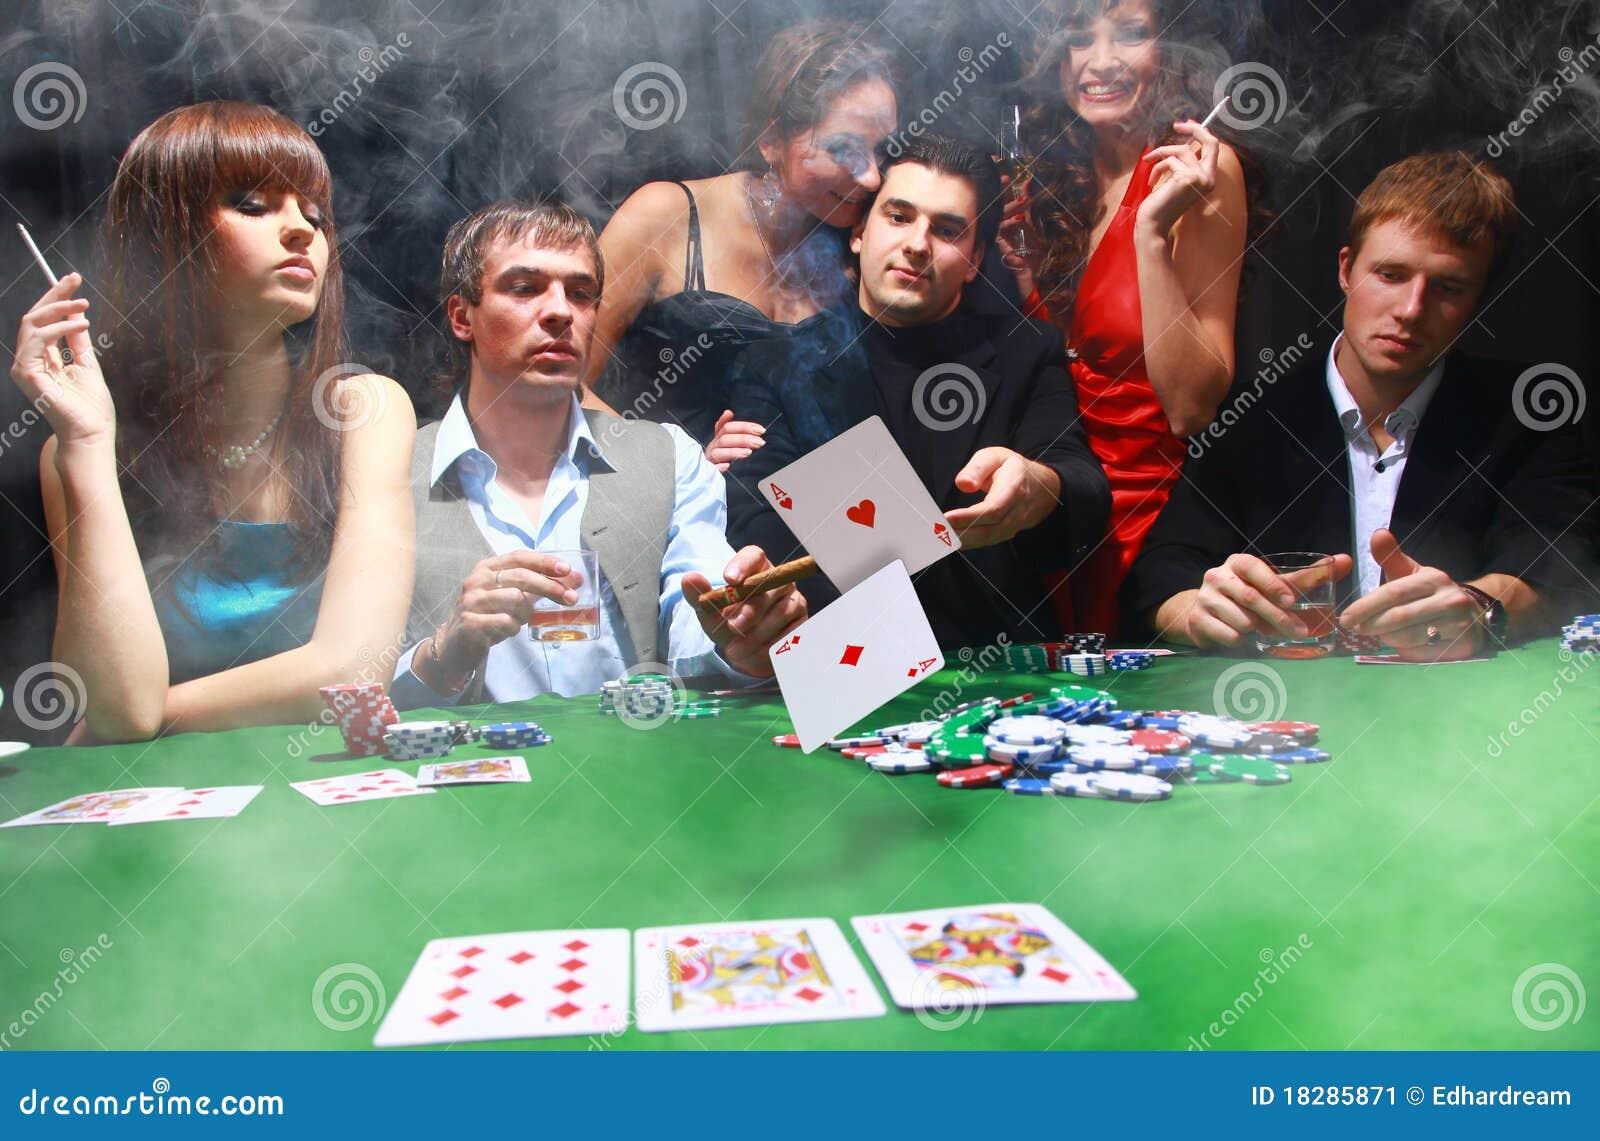 Джеймс казино торрент бонд игры рояль через